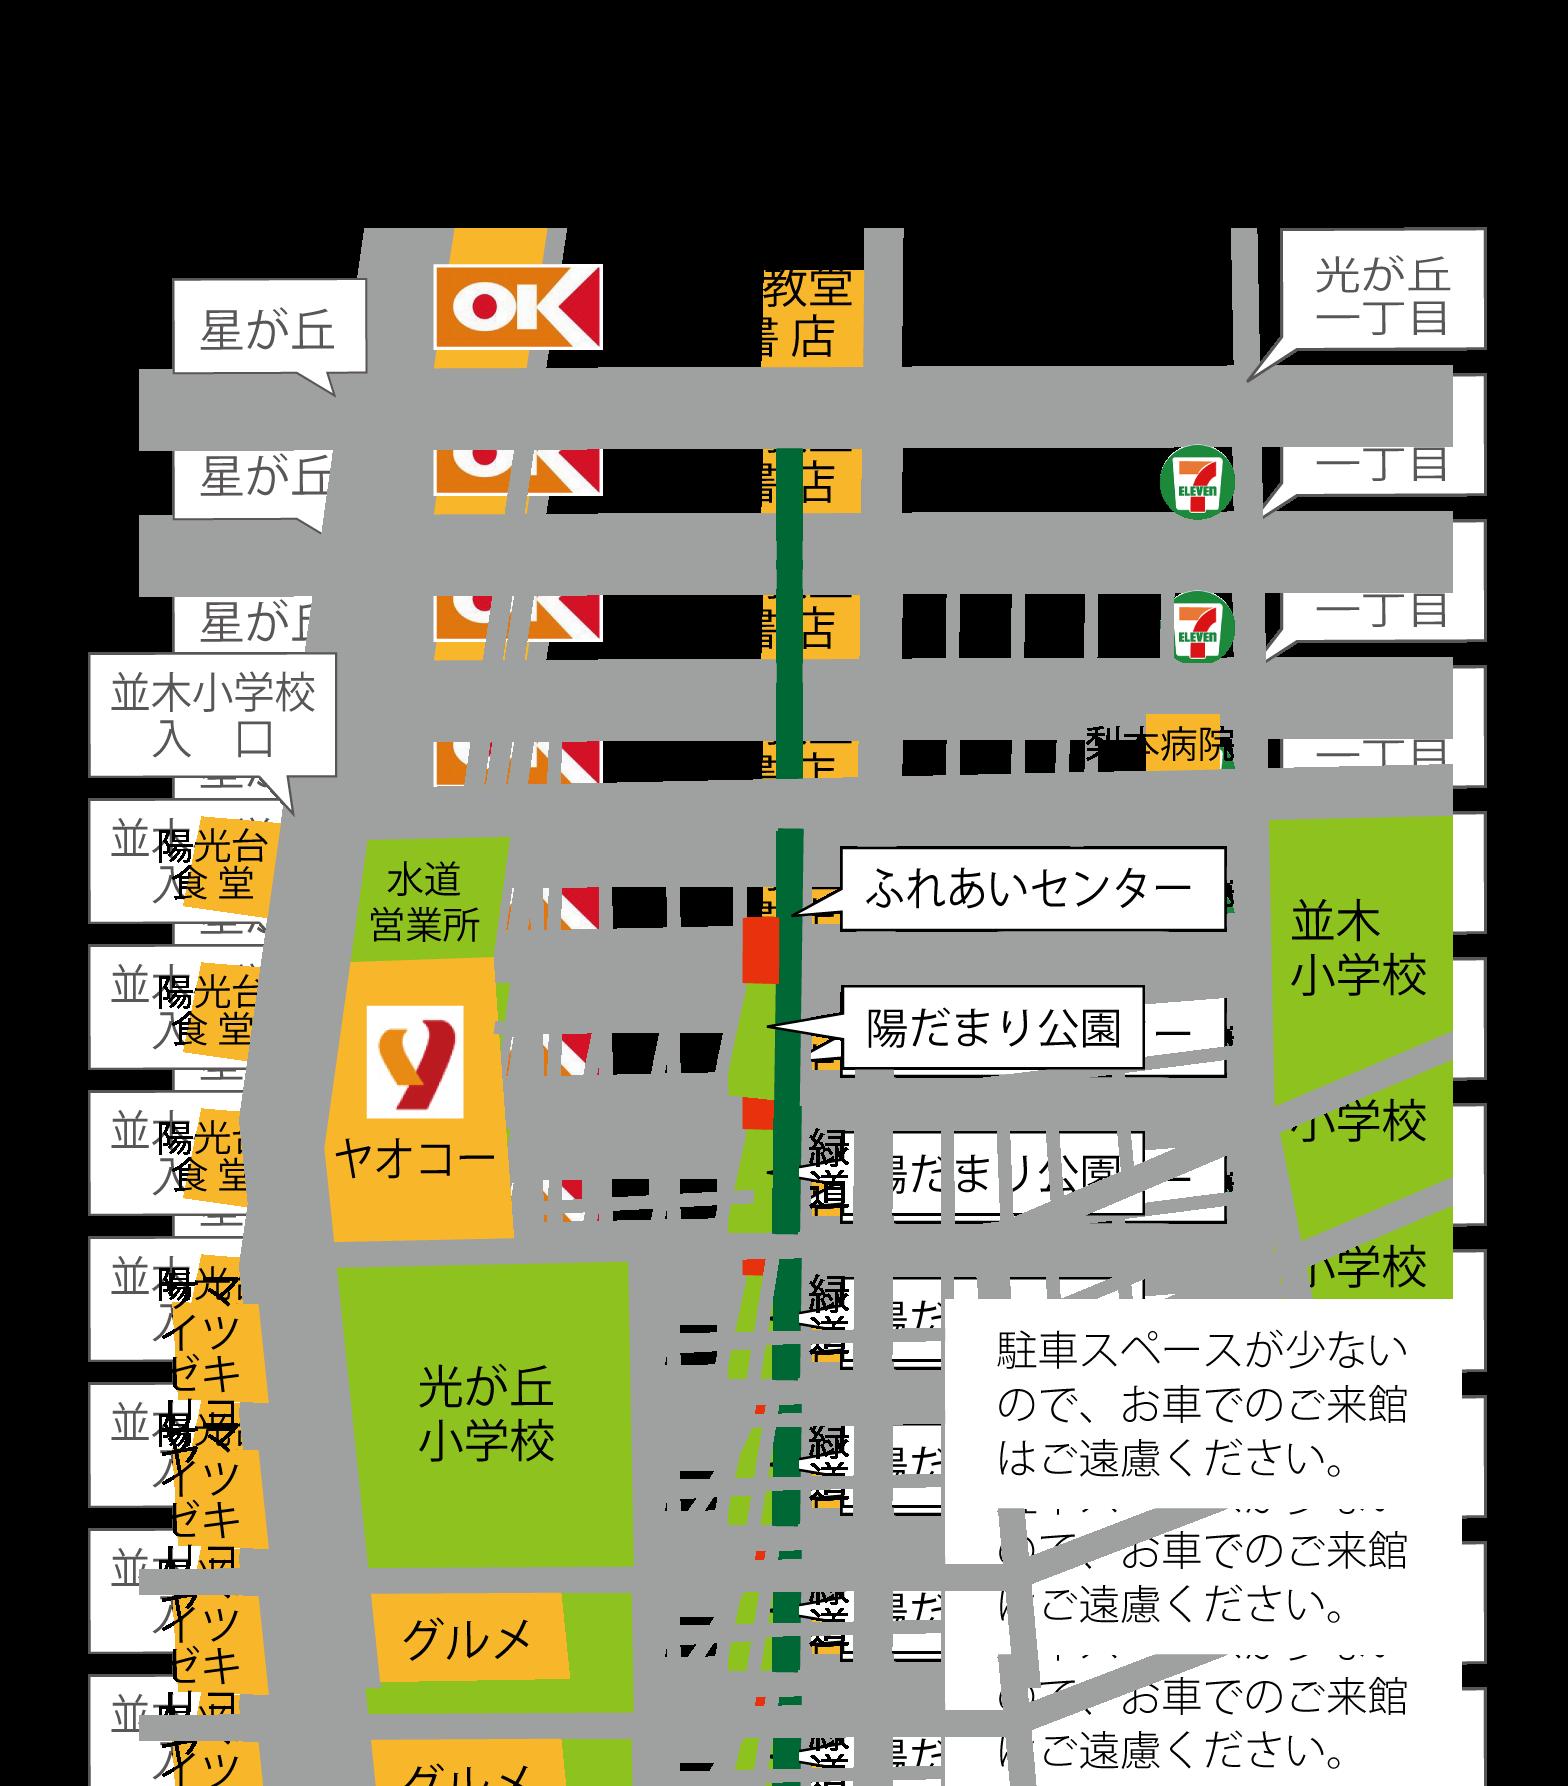 ふれセン地図